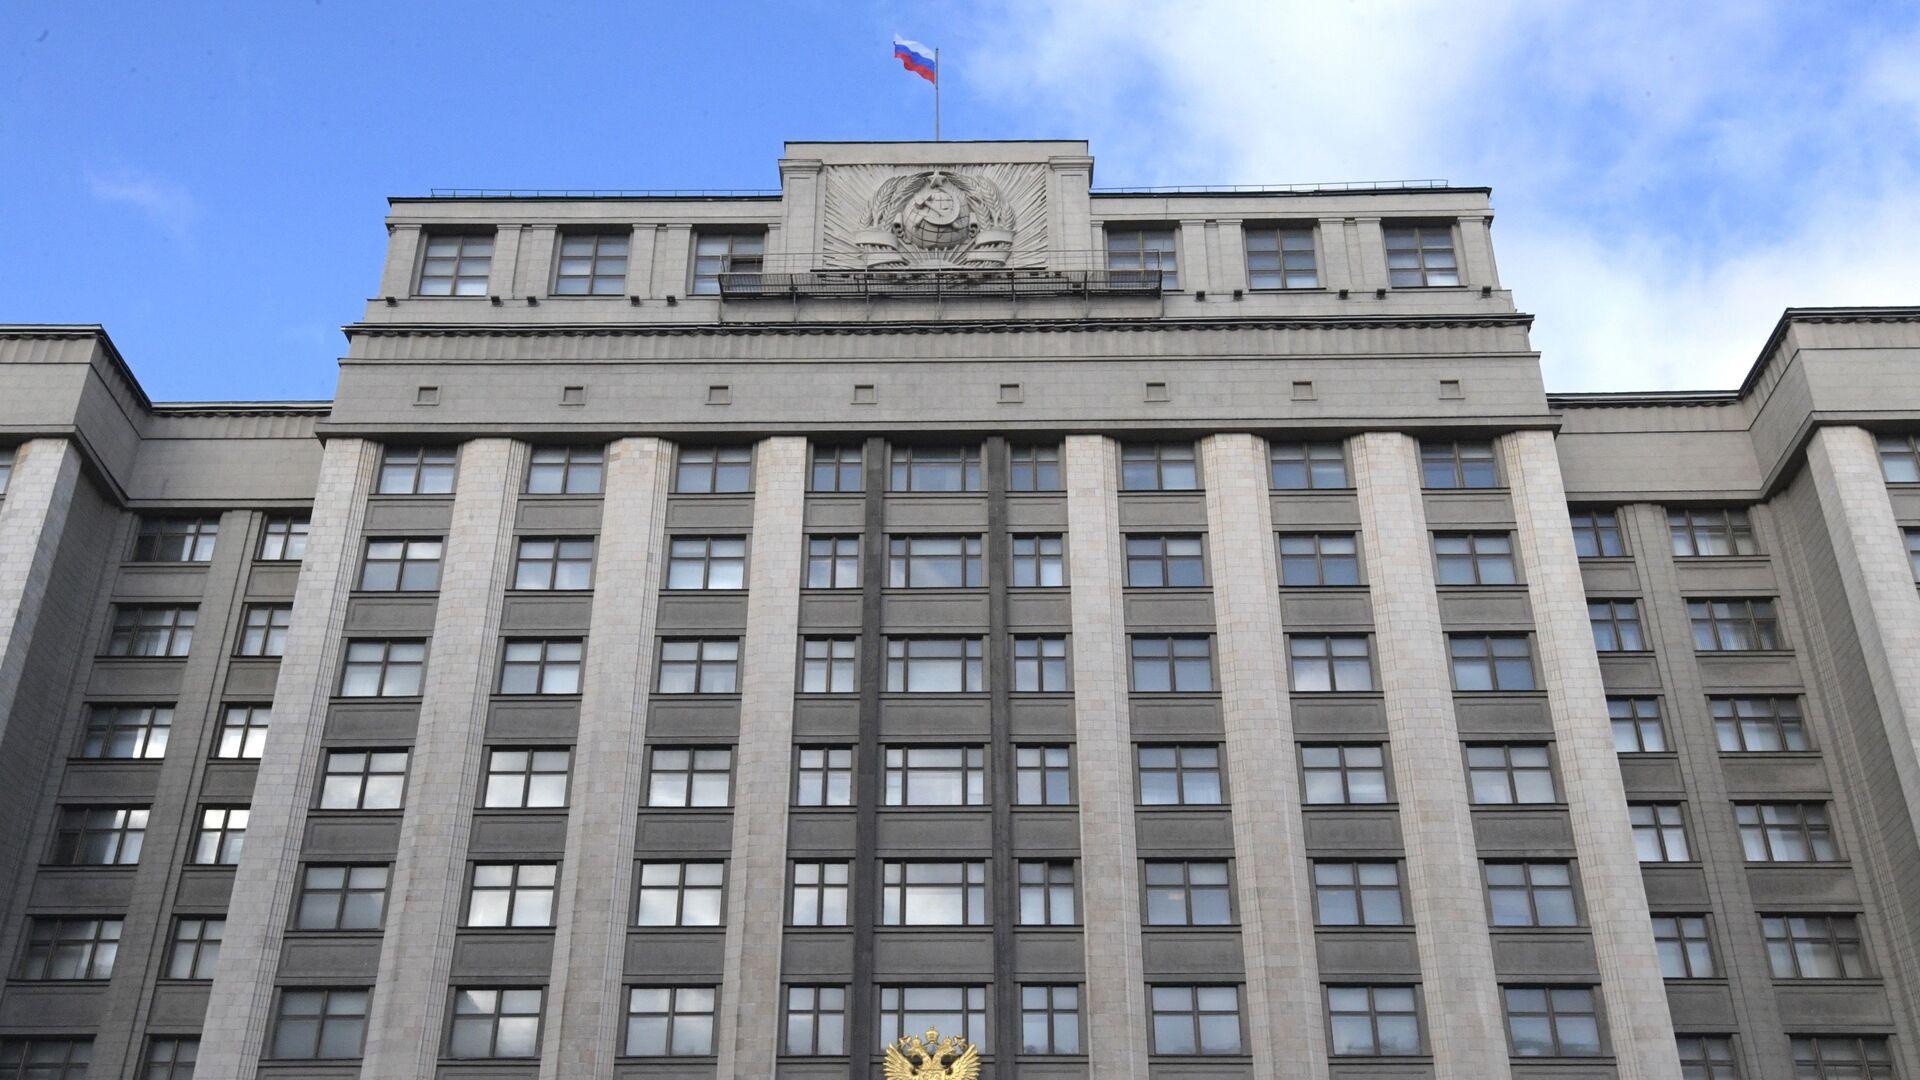 Здание Государственной Думы в Москве - РИА Новости, 1920, 12.10.2020